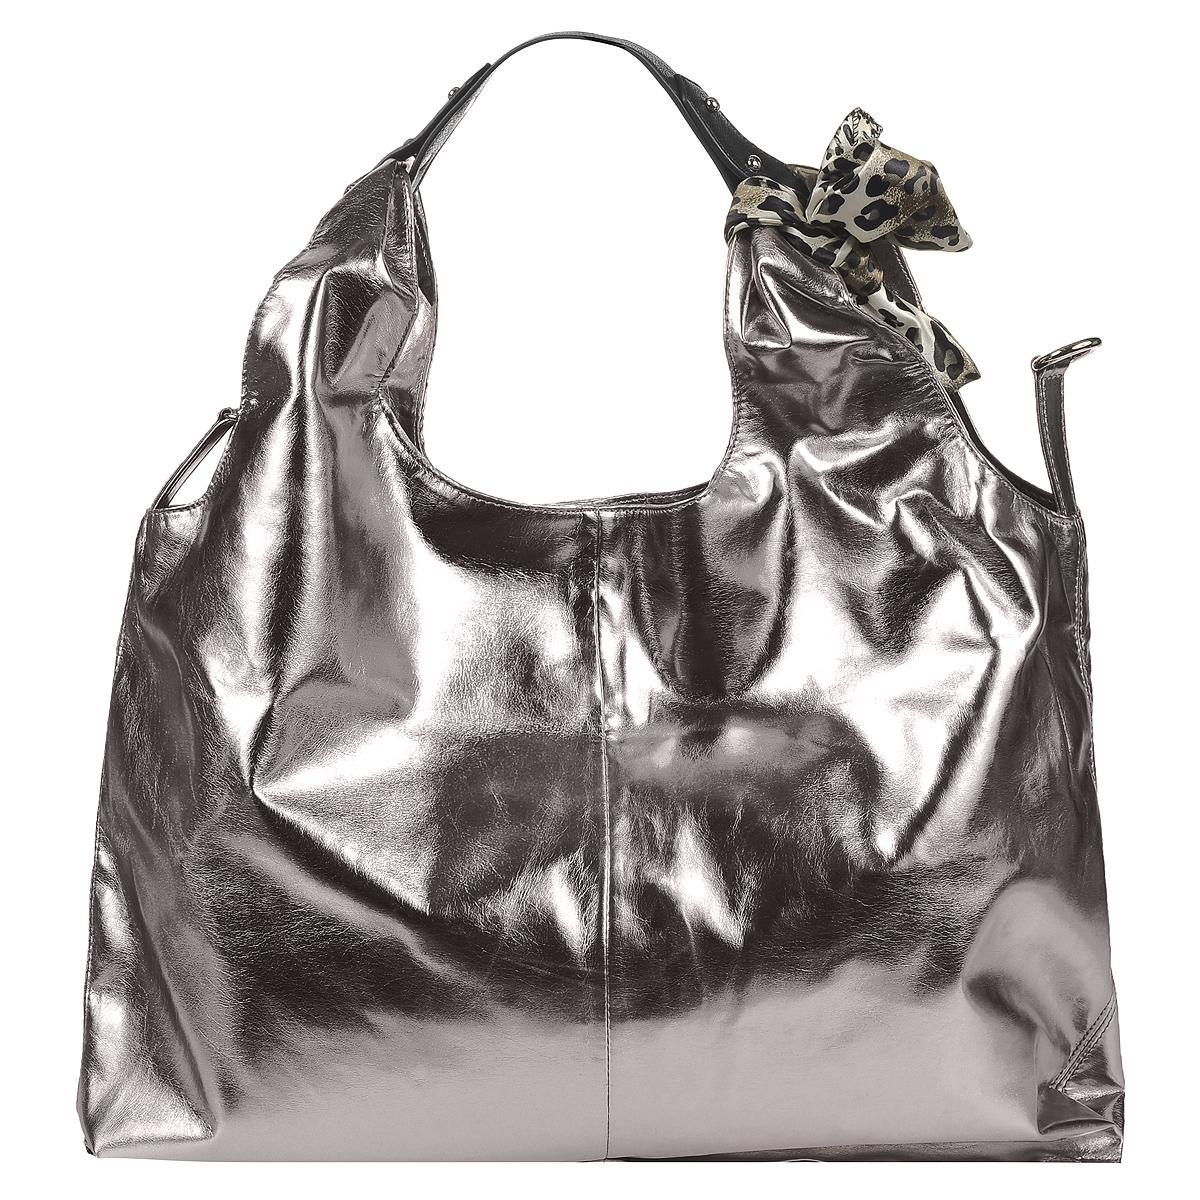 Сумка женская Fancy Bag, цвет: серый. 0106-770106-77 серыйСтильная сумка Fancy bag выполнена из искусственной кожи серого цвета. Сумка имеет одно вместительное отделение, закрывающееся на магнитную кнопку. Внутри - вшитый карман на застежке-молнии, два накладных кармана для мелочей и мобильного телефона, а также вместительный съемный карман на застежке-молнии. Внутри этого кармана вшитый кармашек на молнии и два накладных кармашка для мелочей. Внутренний карман можно при необходимости вынуть или установить при помощи металлических кнопок. По бокам сумки два ремешка с карабинами для придания сумки формы в виде треугольника. Сумка оснащена удобной ручкой и шейным платком. В комплекте чехол для хранения. Этот стильный аксессуар станет великолепным дополнением вашего образа. Характеристики: Материал: искусственная кожа, текстиль, металл. Цвет: серый. Размер сумки: 50 см х 2 см х 38 см. Длина ручки: 15 см. Артикул: 0106-77.